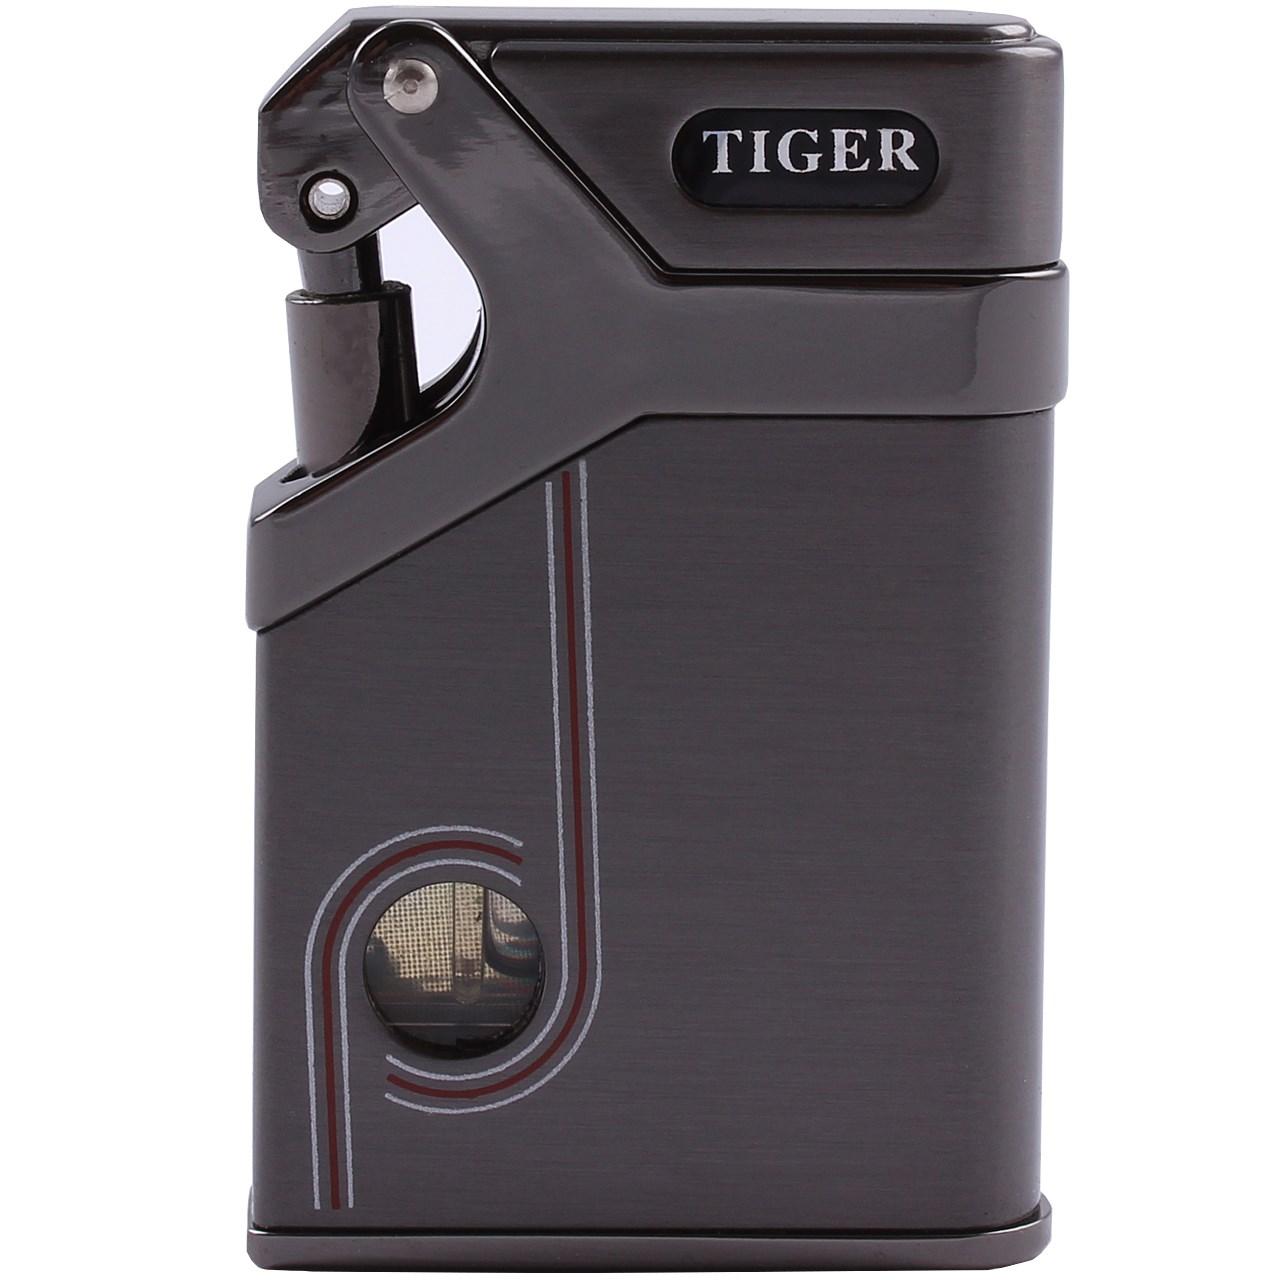 فندک تایگر مدل TW860-01